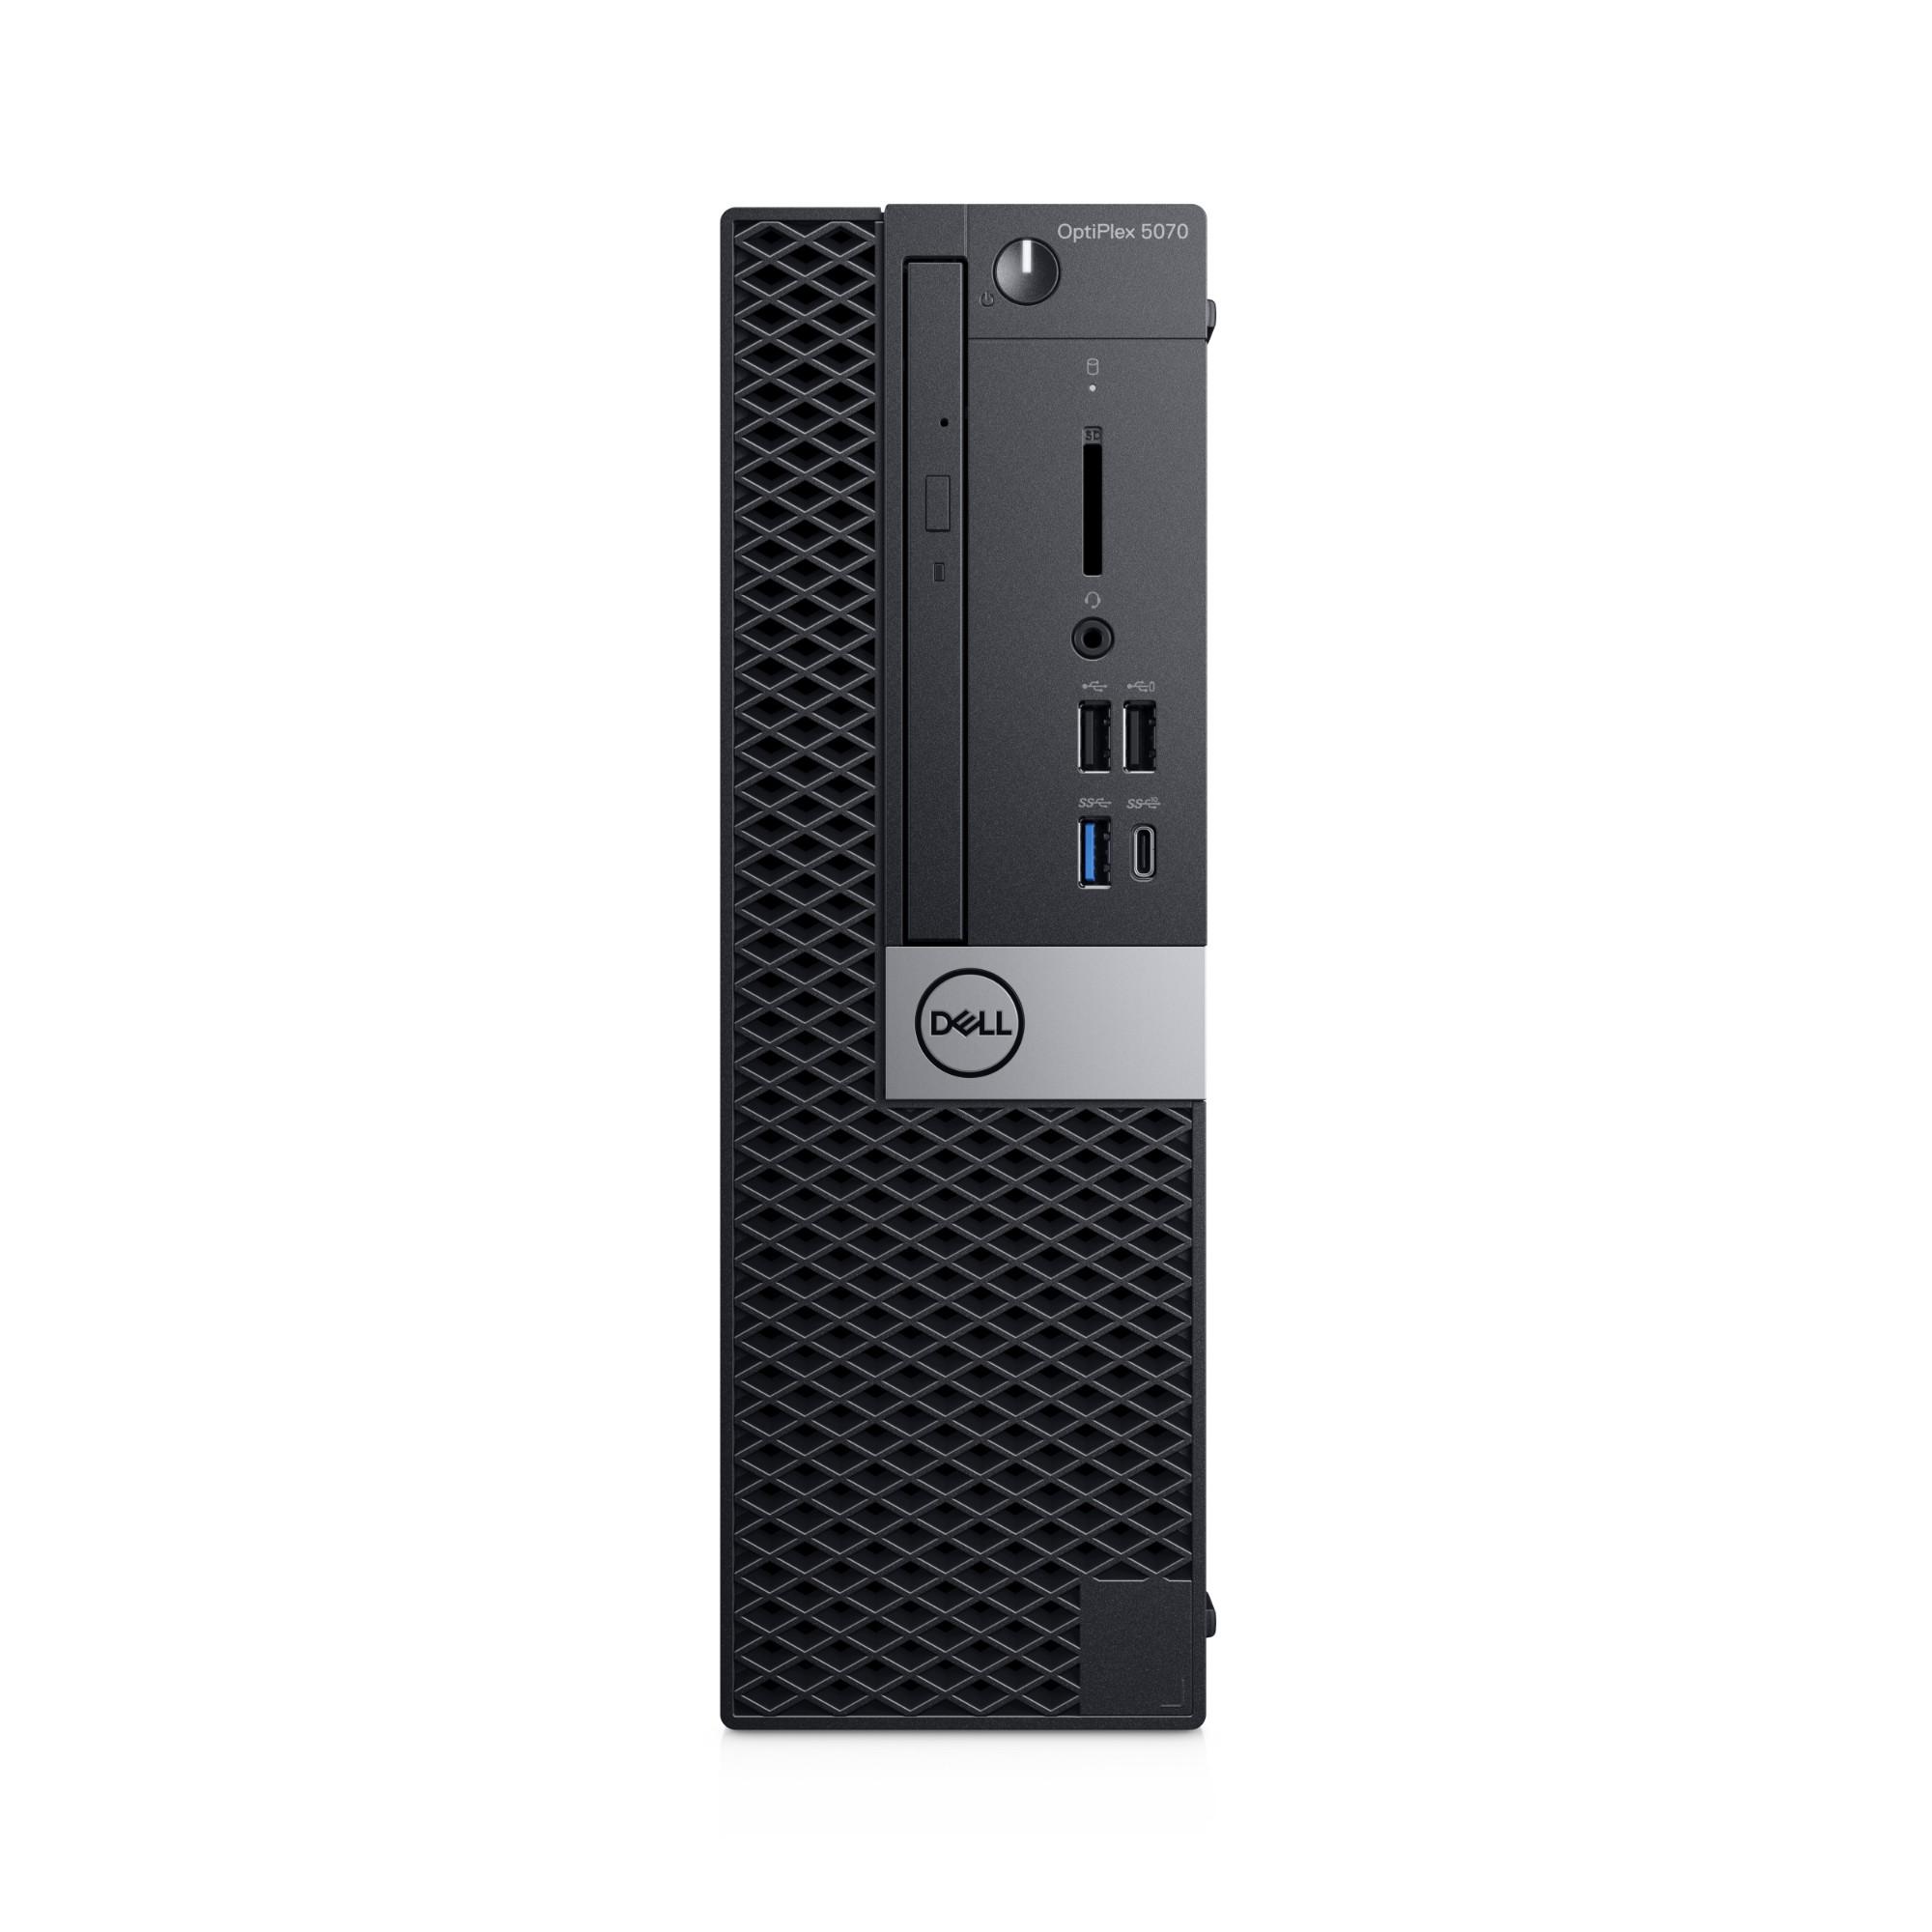 DELL OptiPlex 5070 9th gen Intel® Core™ i5 i5-9500 8 GB DDR4-SDRAM 256 GB SSD SFF Black PC Windows 10 Pro